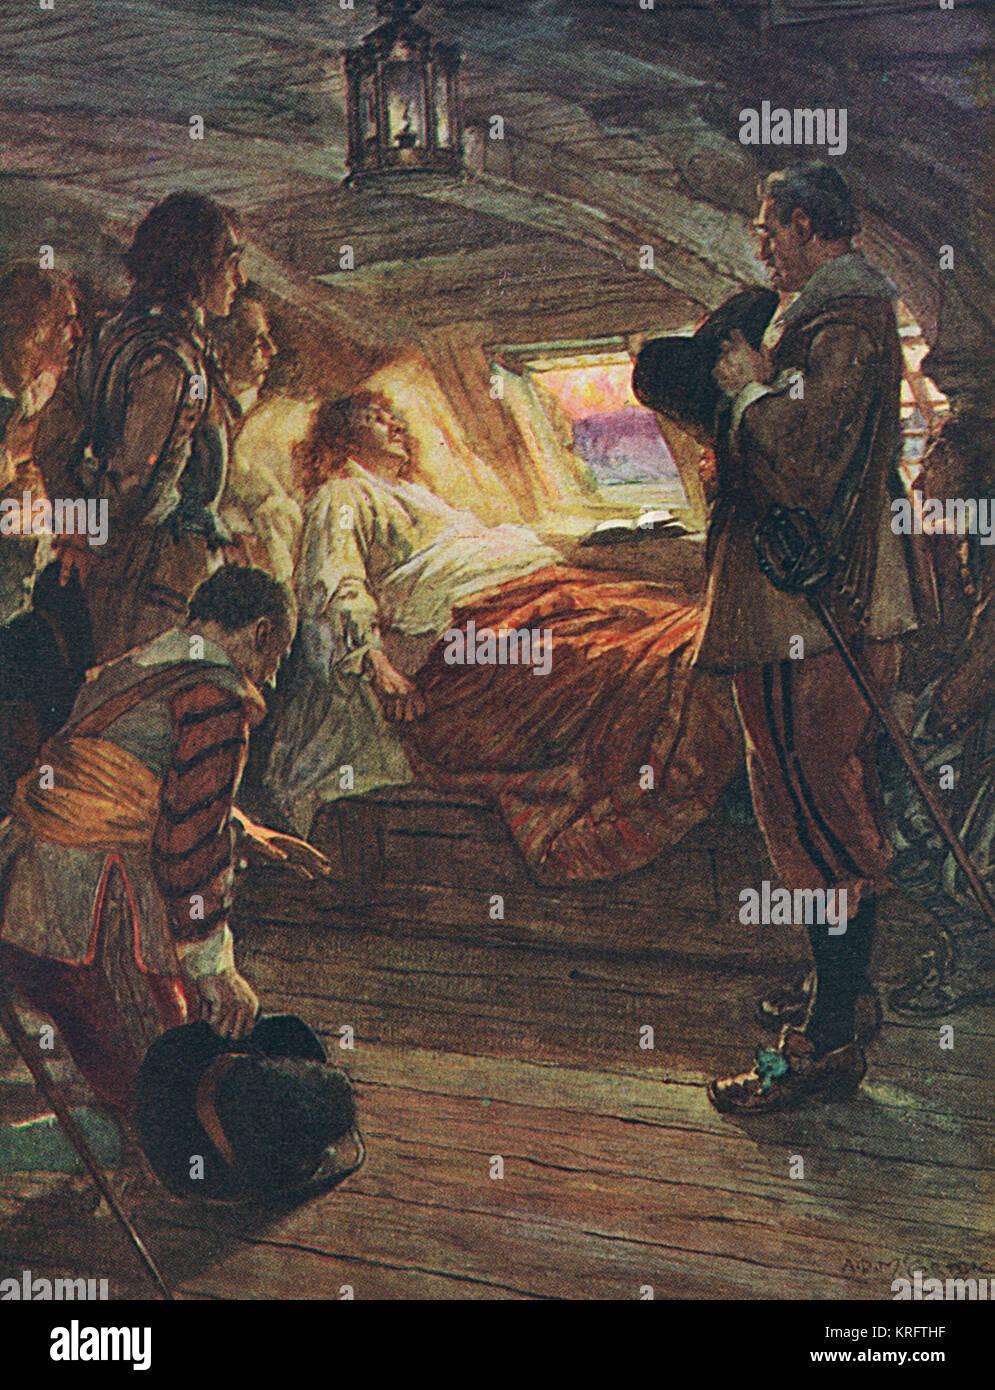 La muerte del Almirante Robert Blake (1599 - 1657), parlamentarias comandante naval, a bordo de su barco regresaba de Cádiz donde había estado al mando de la flota inglesa durante la guerra anglo-españolas. Murió de viejas heridas de guerra dentro de la vista de Plymouth. Fecha: 1914 Foto de stock